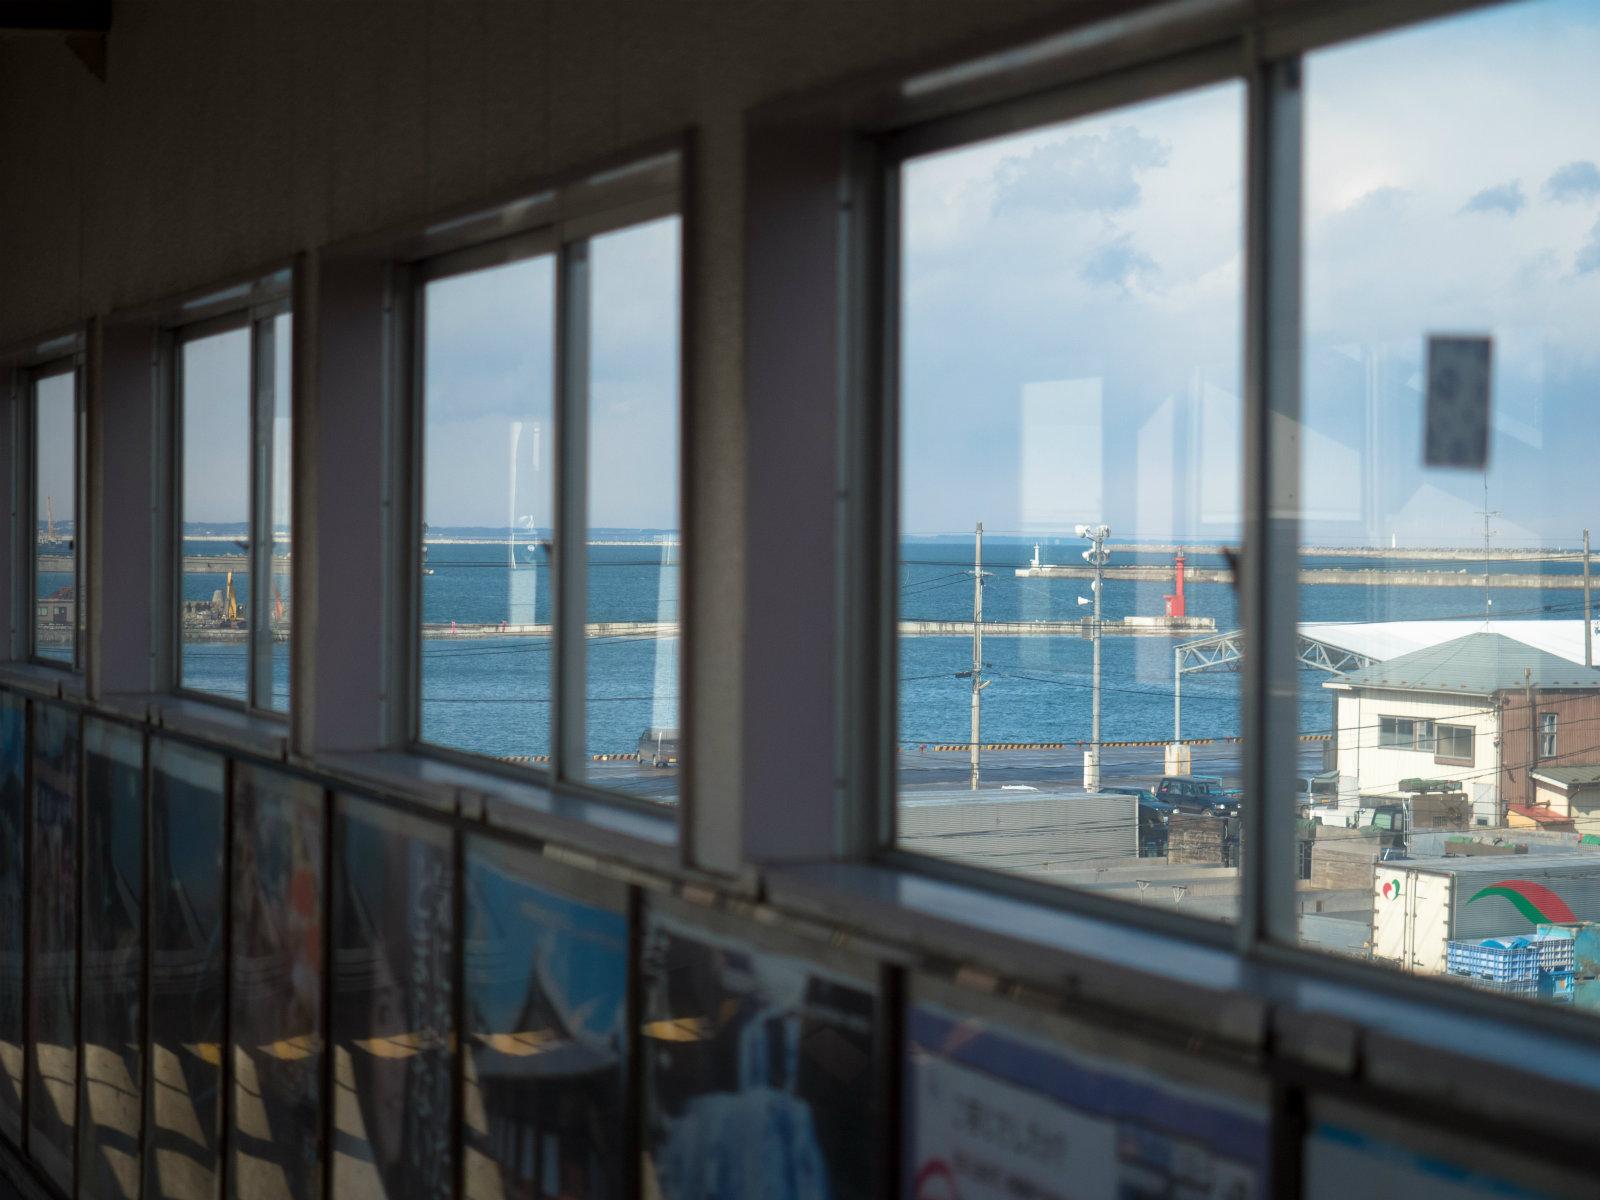 鮫駅の跨線橋から見た八戸港